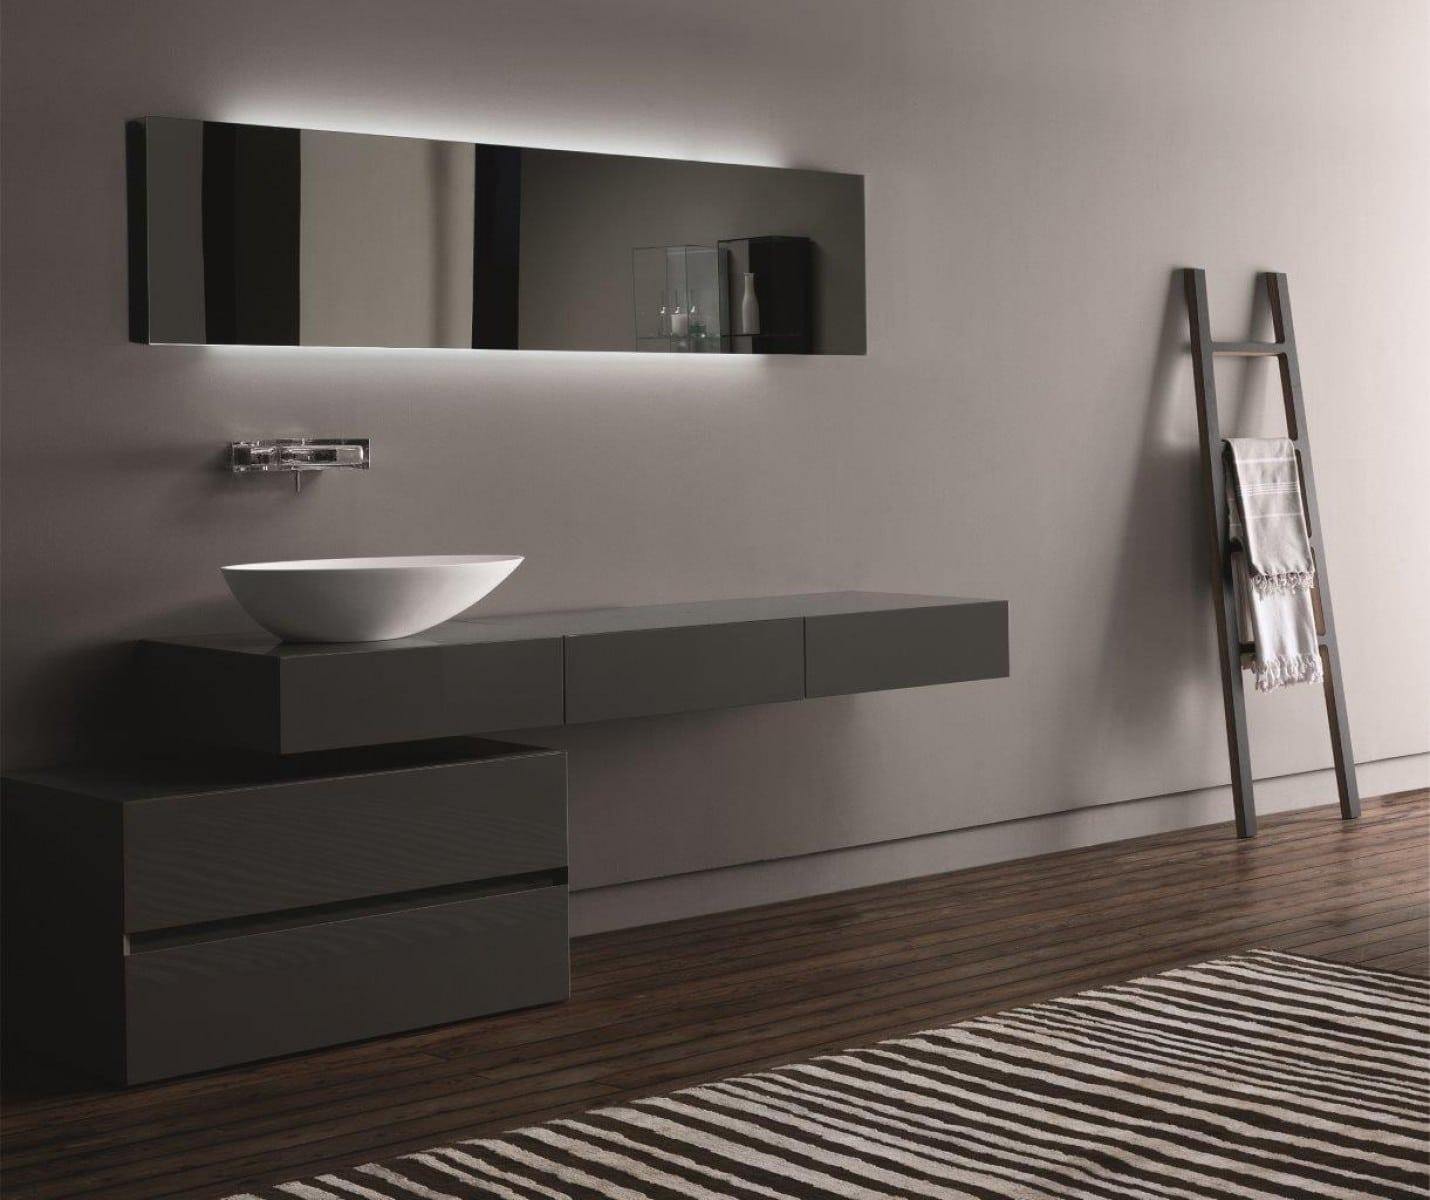 Dise o de cuartos de ba o modernos fotos construye hogar for Casa y diseno banos